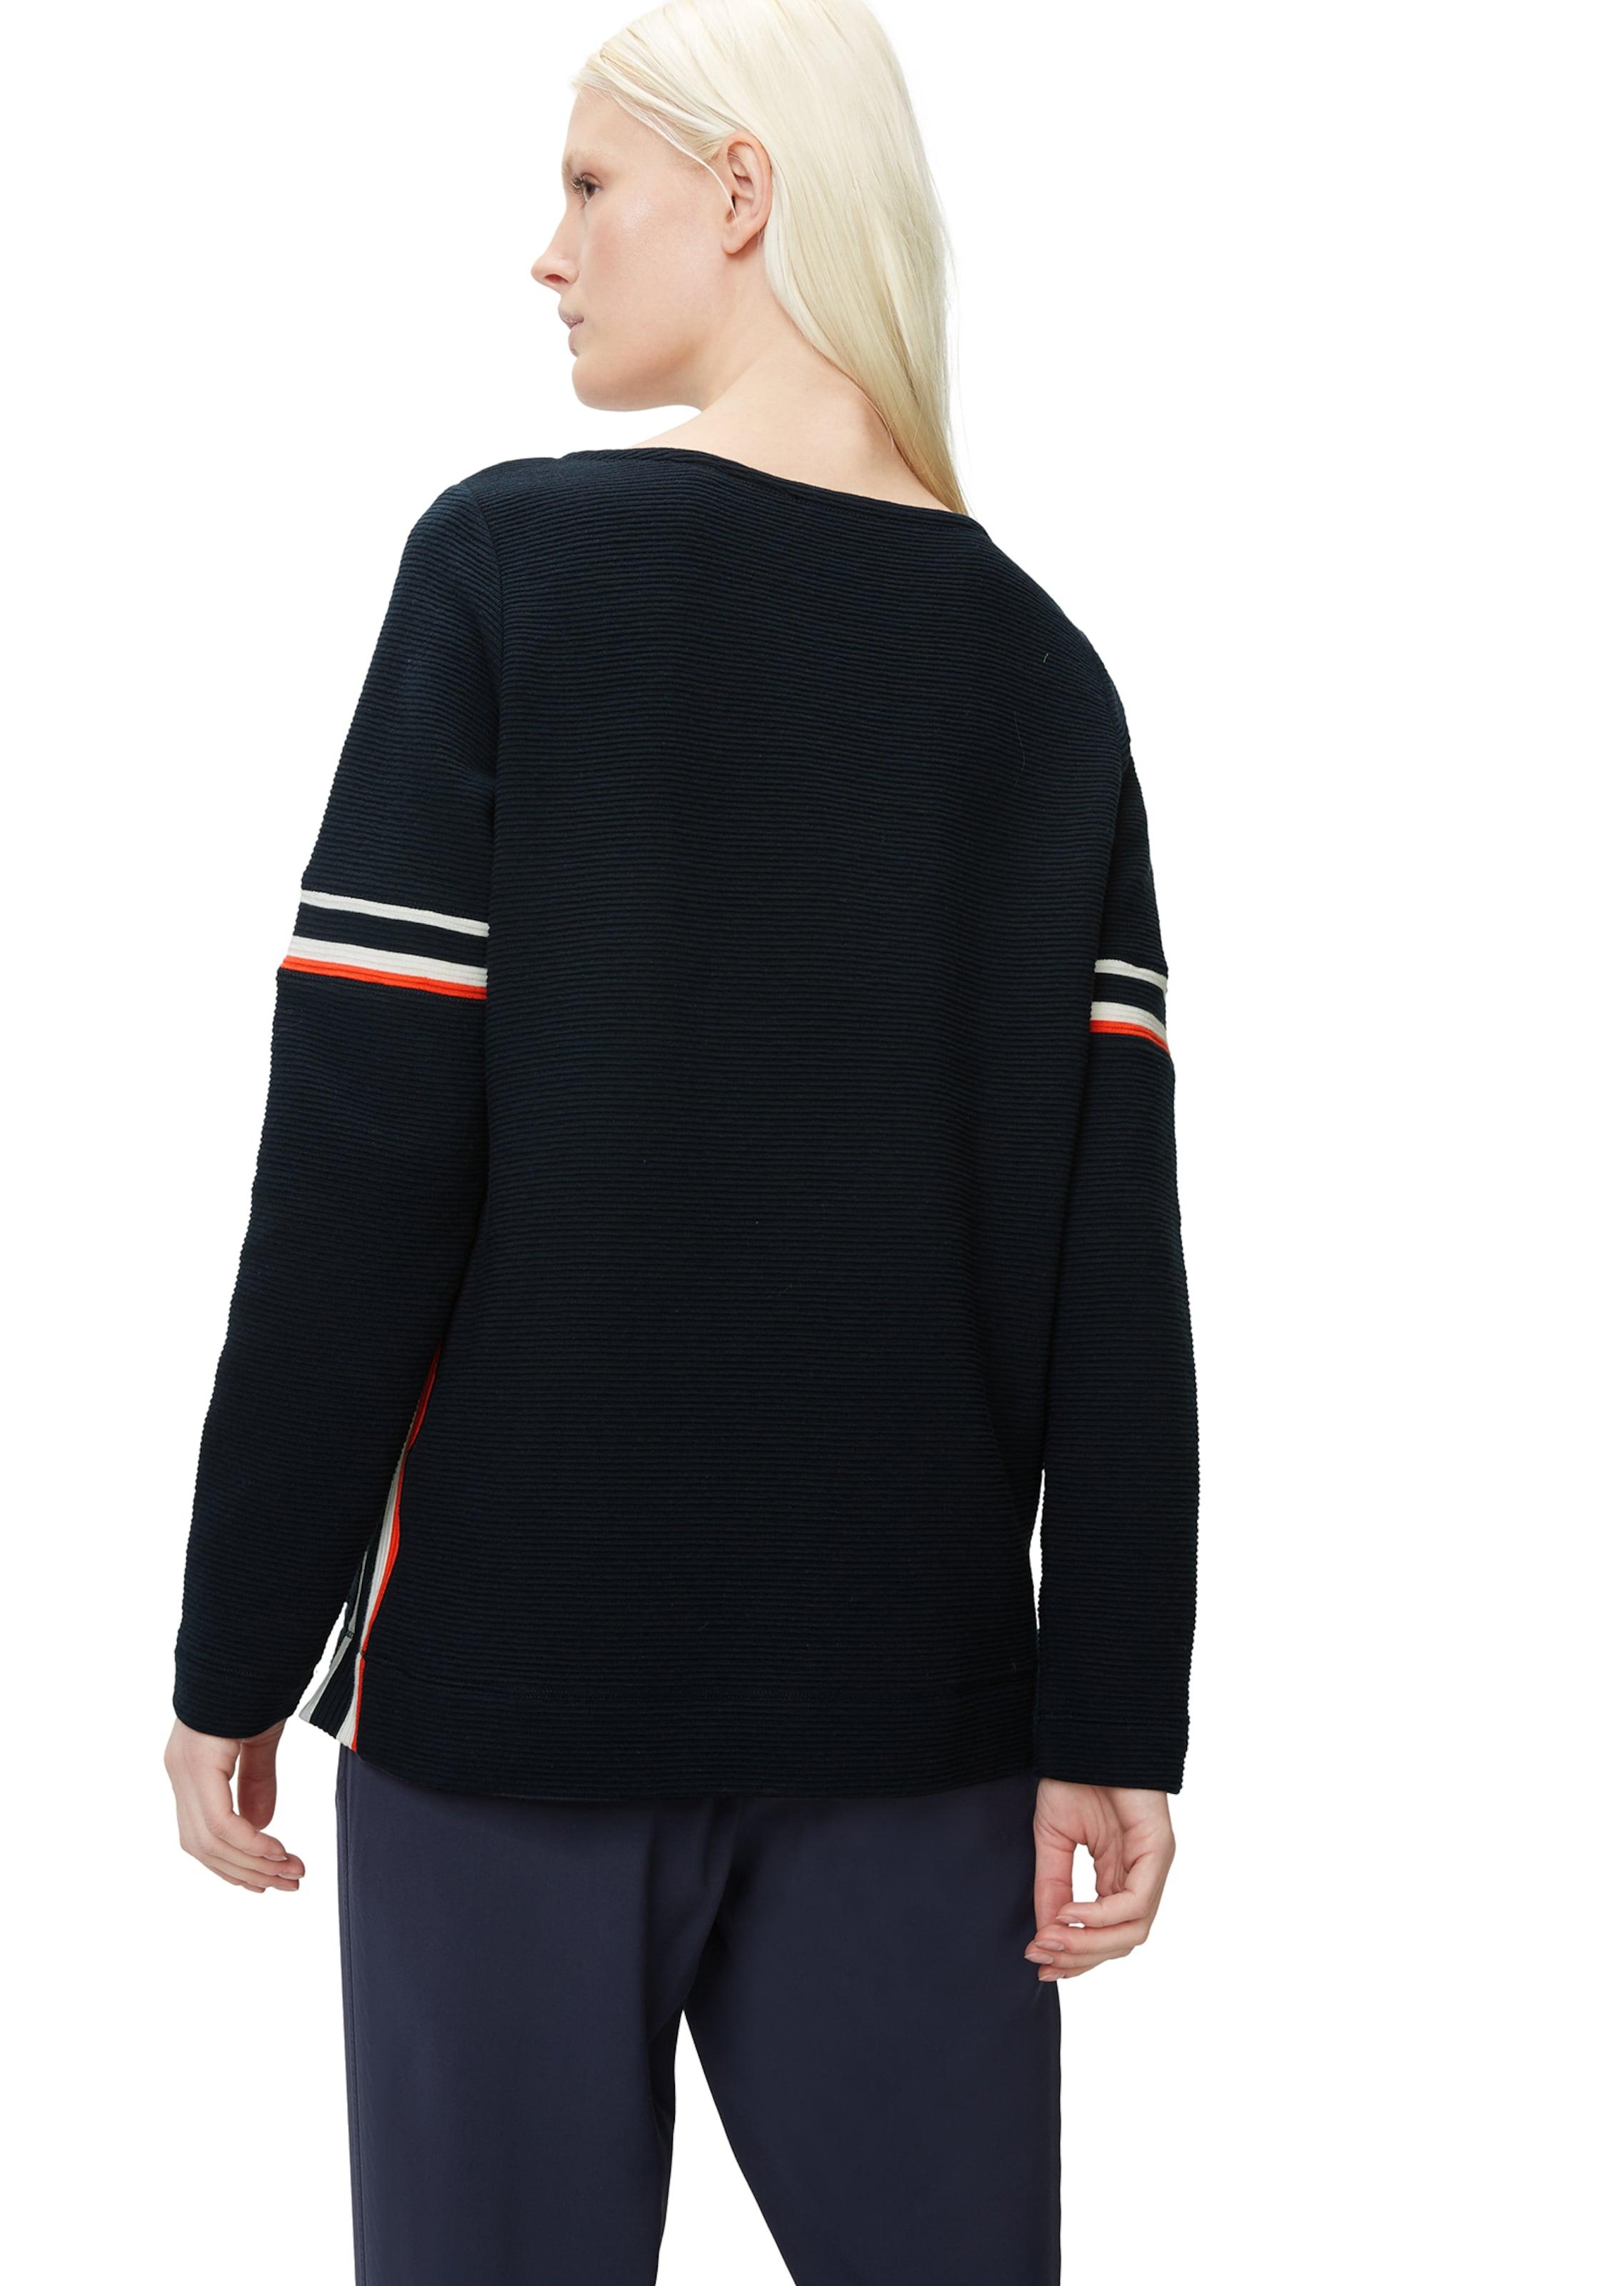 In Sweatshirt Schwarz Marc O'polo wXuTOkZliP